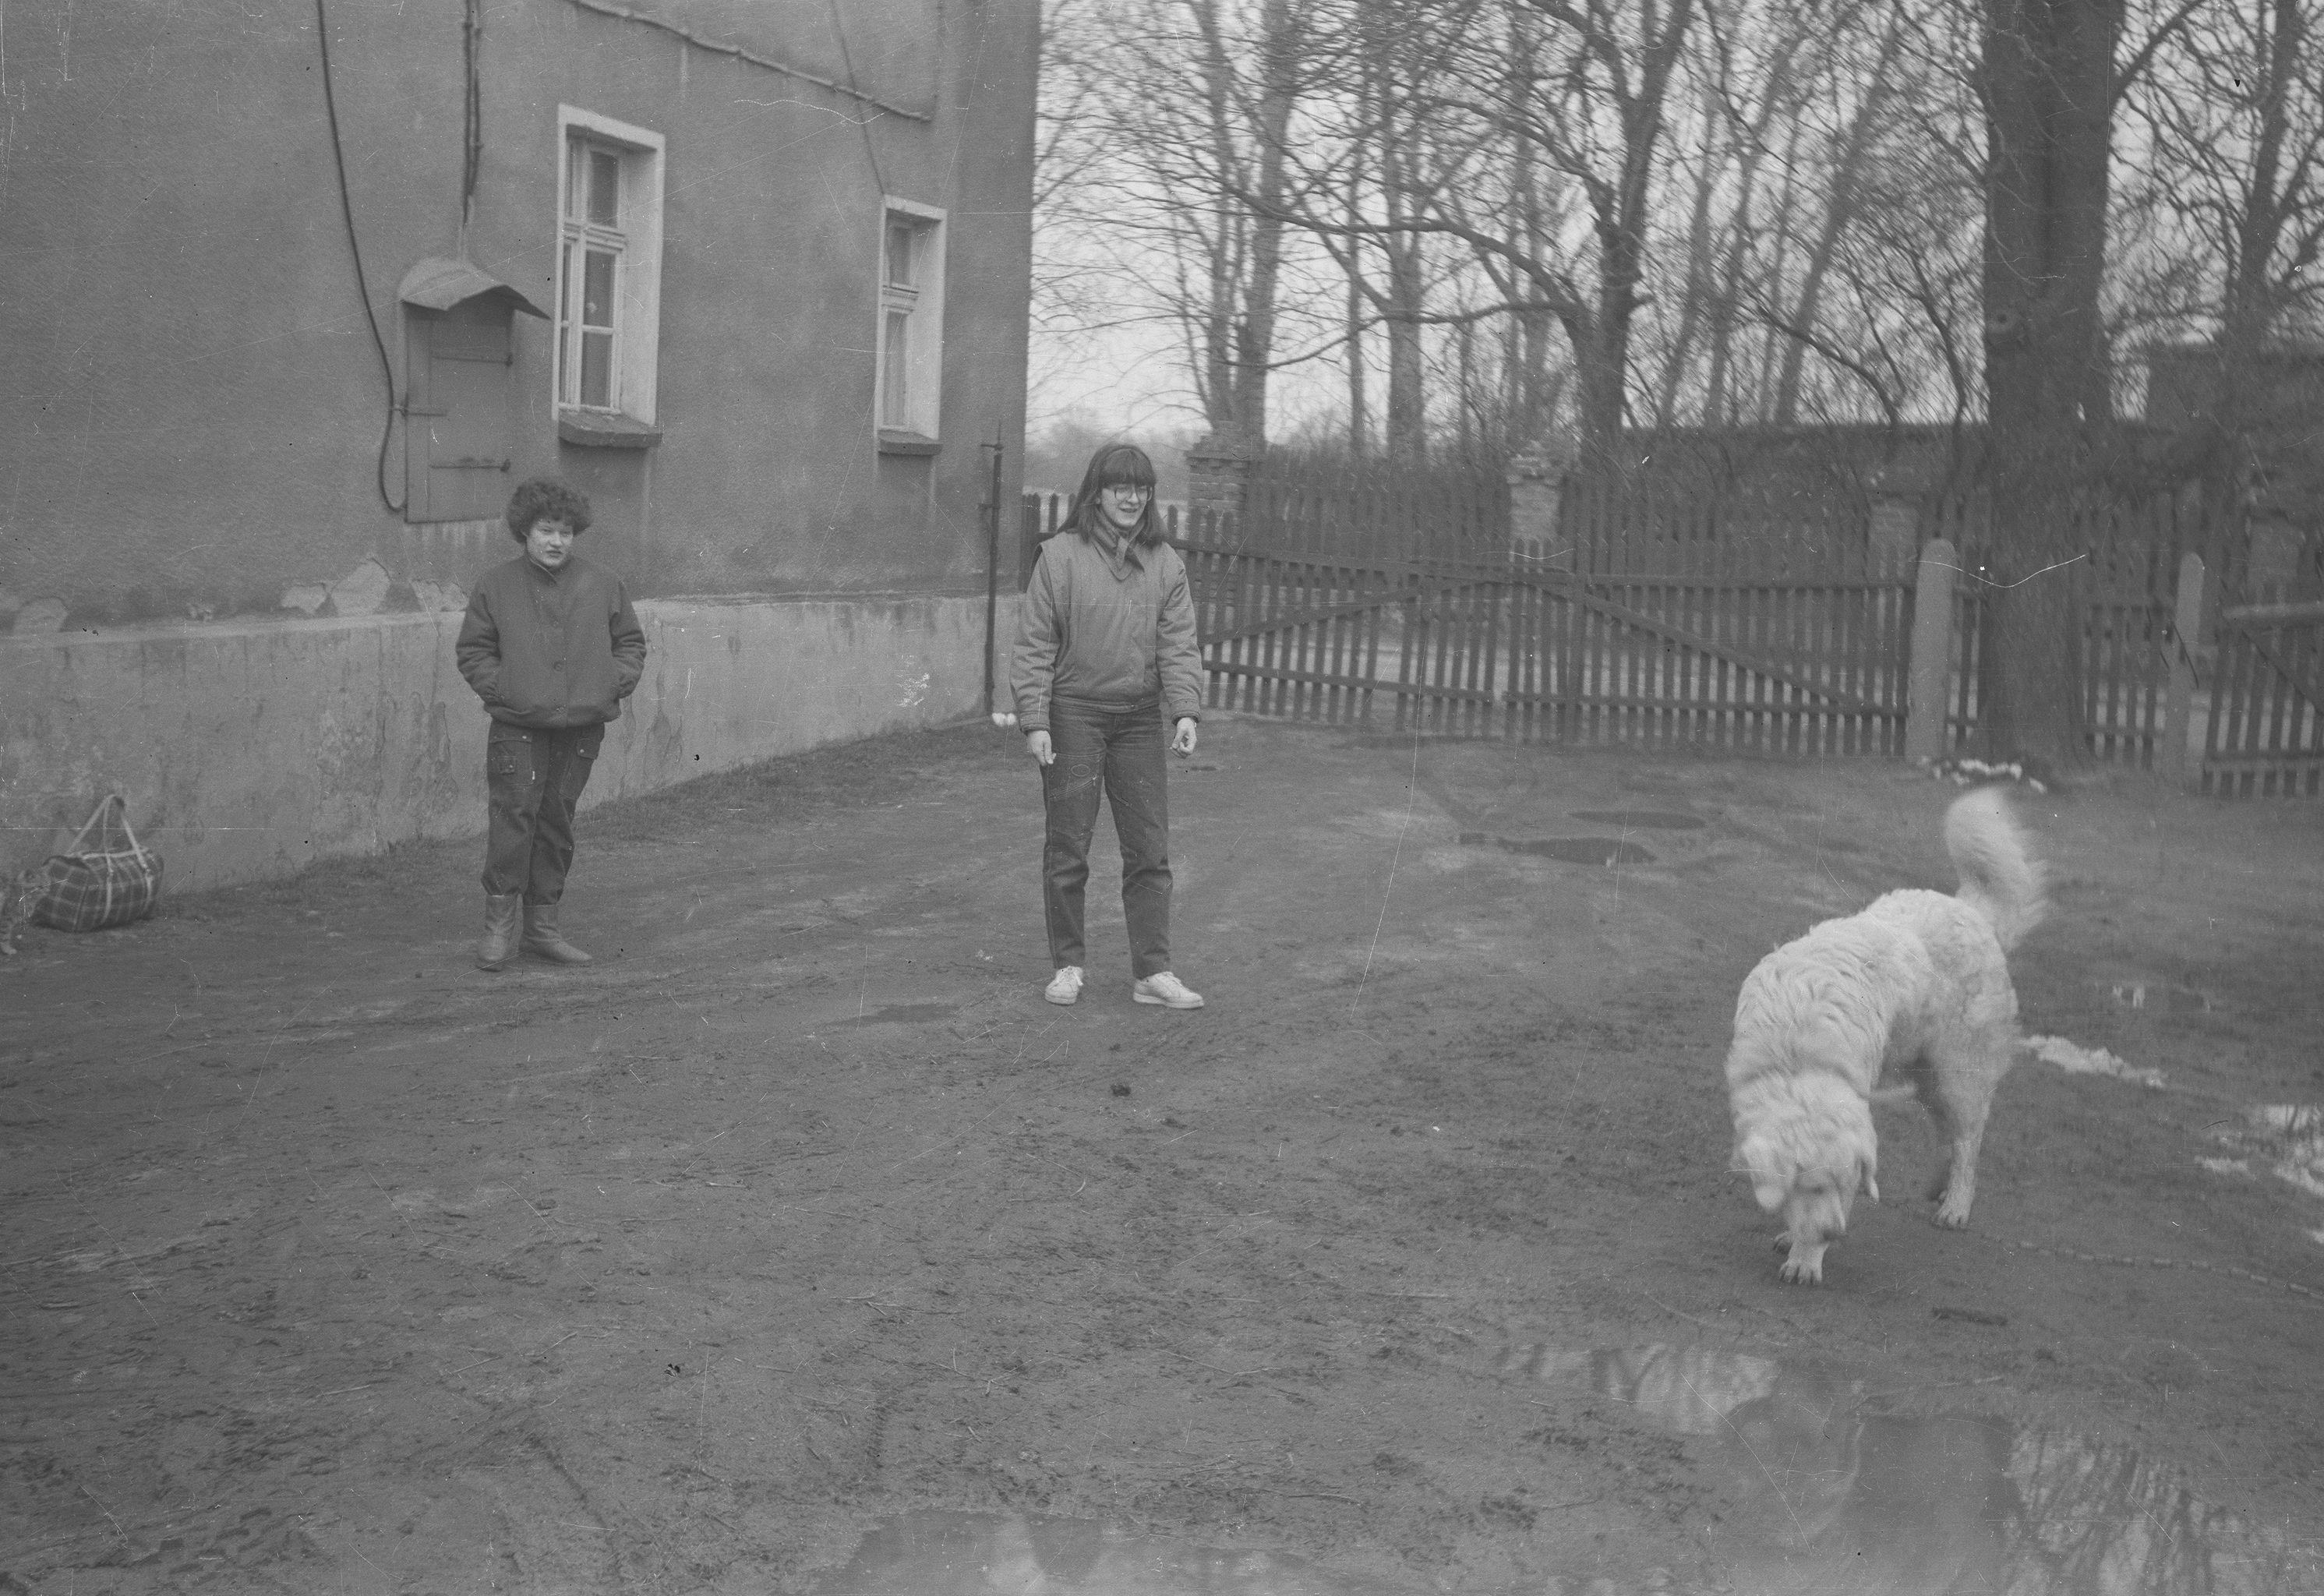 Jadzia, Ania i pies Barys, Brzózka, Dolny Śląsk, lata 80. XX w.